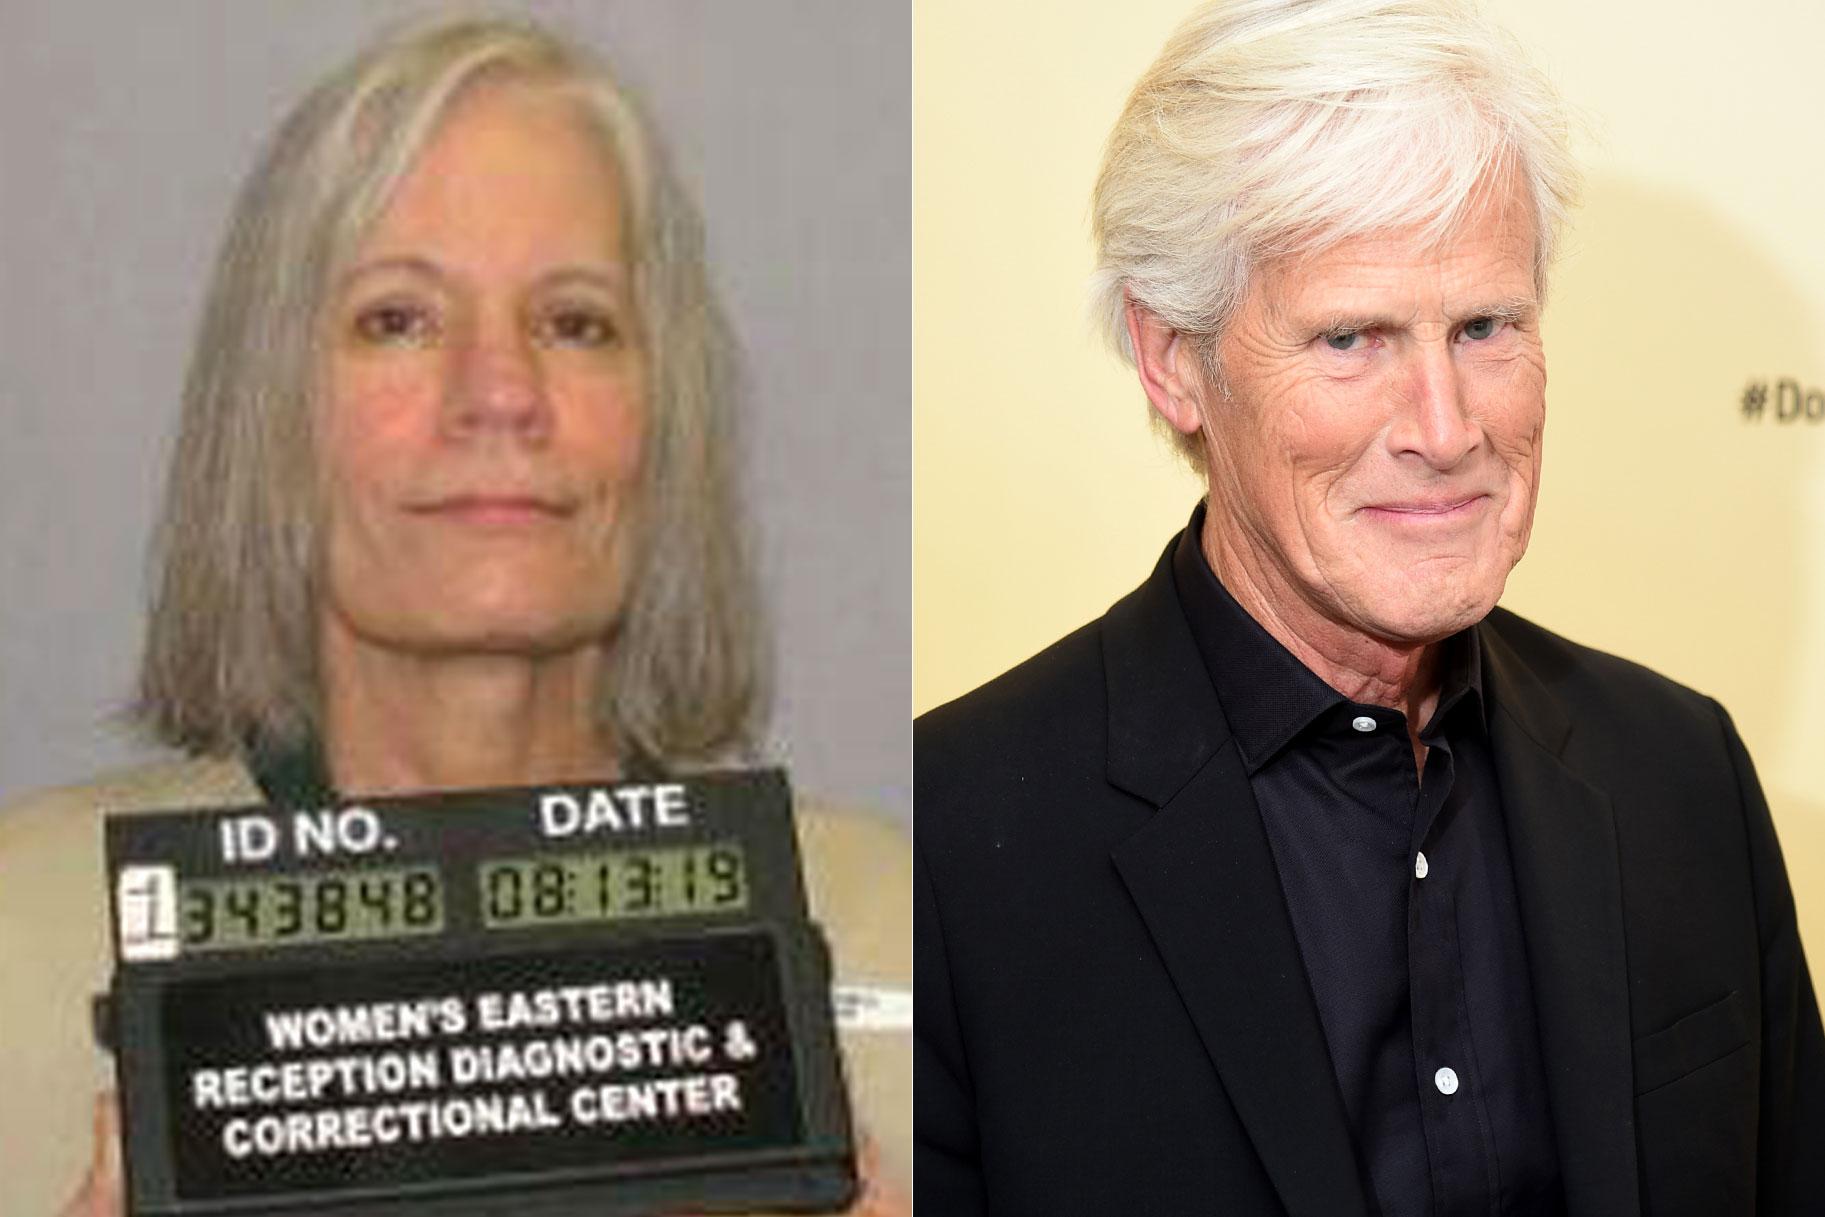 Podcast về tội phạm thực sự mới của 'Dateline' nói về kẻ giết người từng mạo danh là nhà sản xuất 'Dateline'